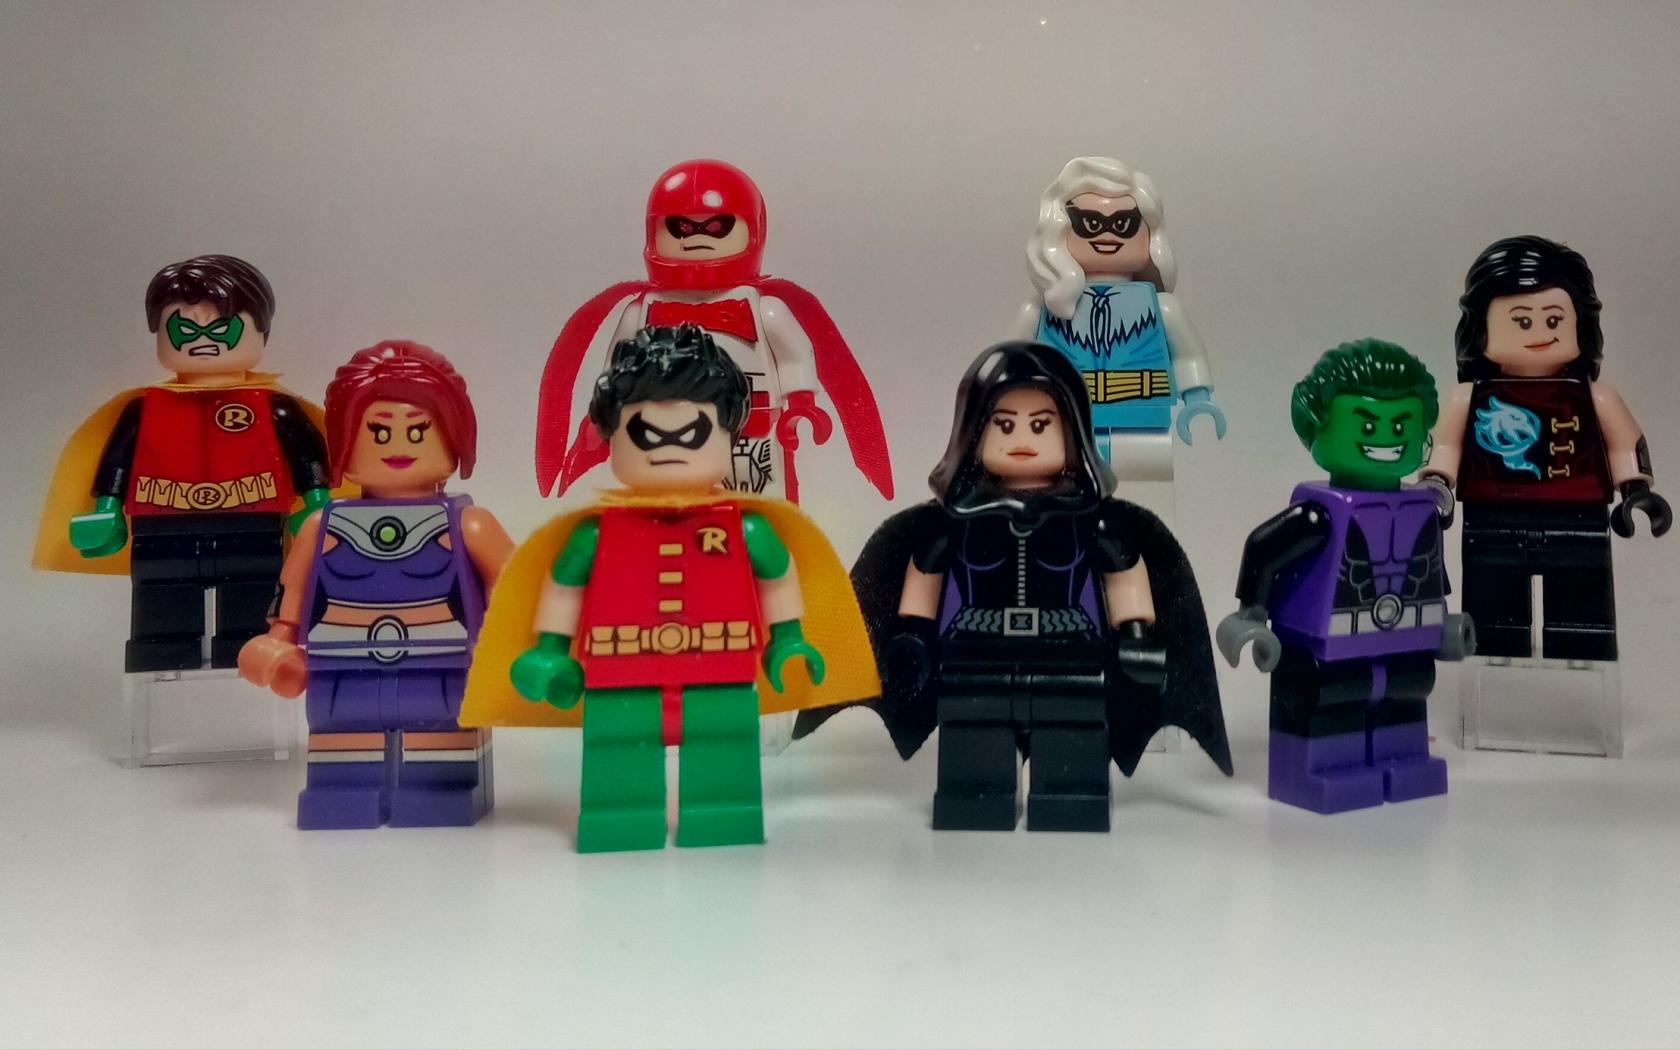 Muñecos de lego de super héroes - 1680x1050